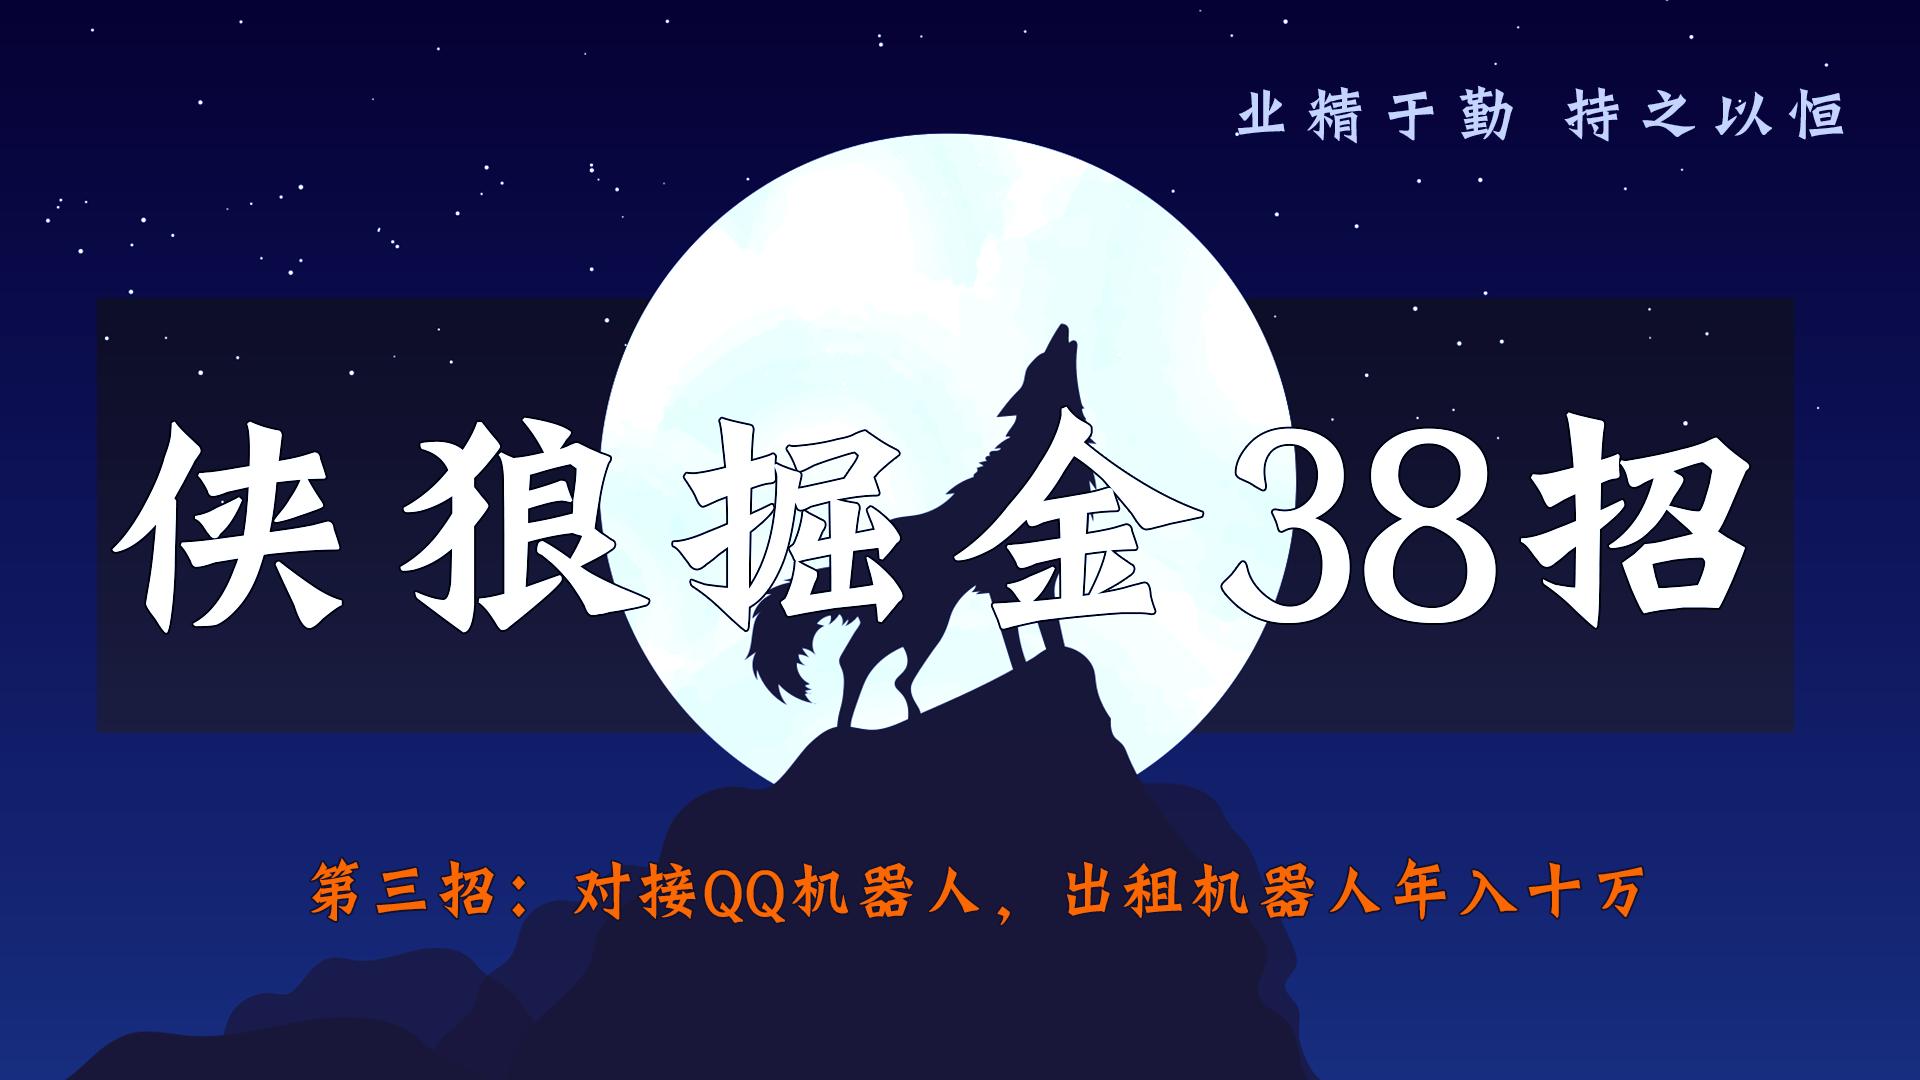 侠狼掘金38招第3招对接QQ机器人,出租机器人年入十万